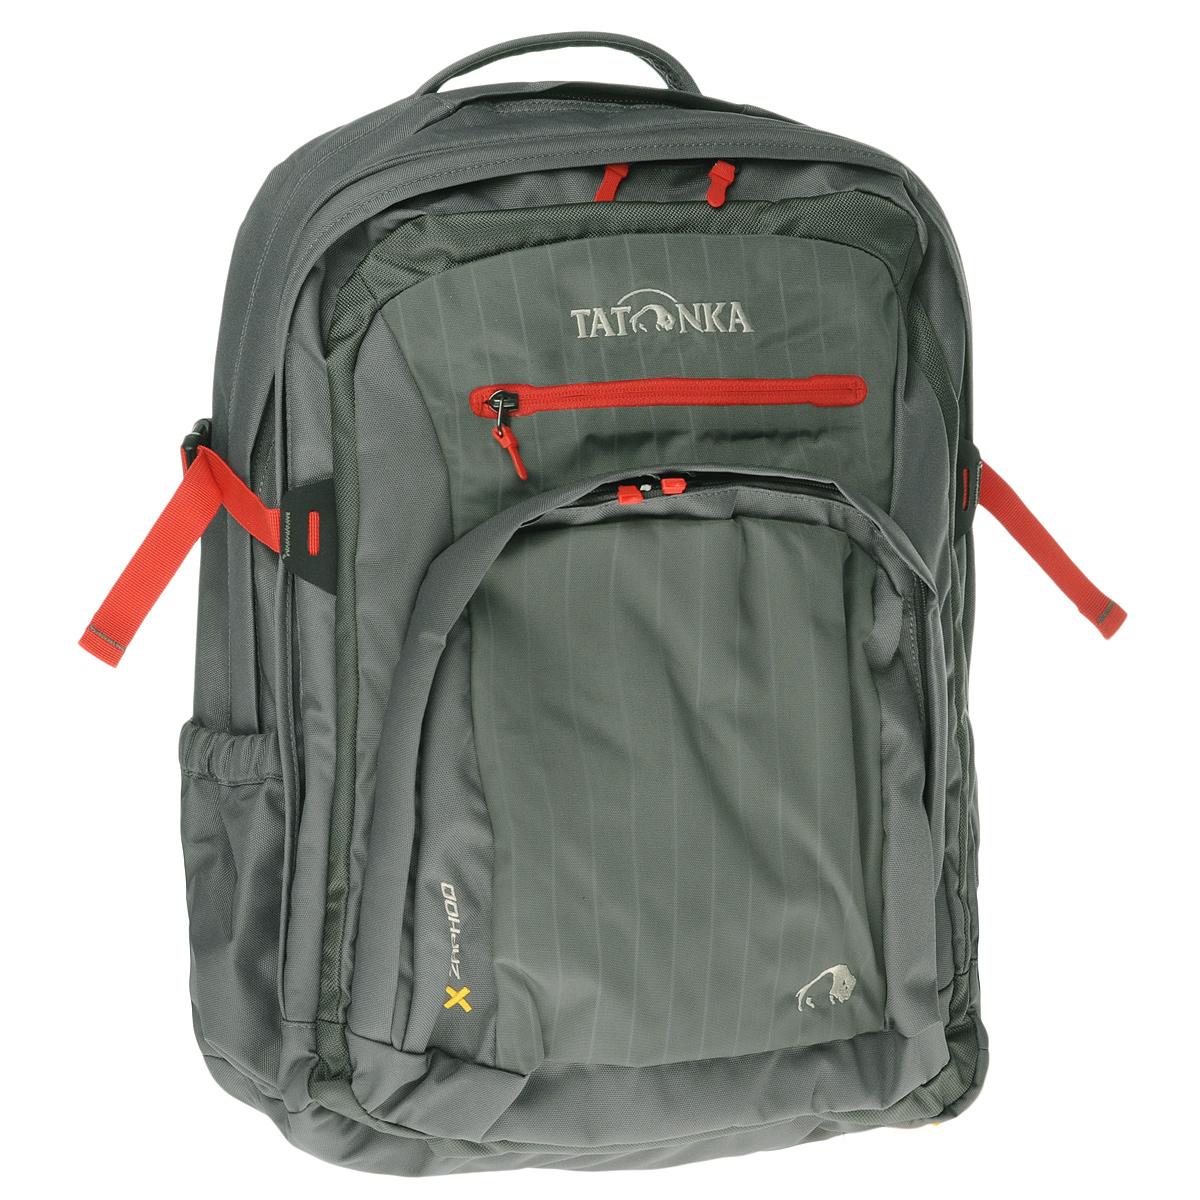 Рюкзак Tatonka  Zaphod , цвет: серый - Рюкзаки